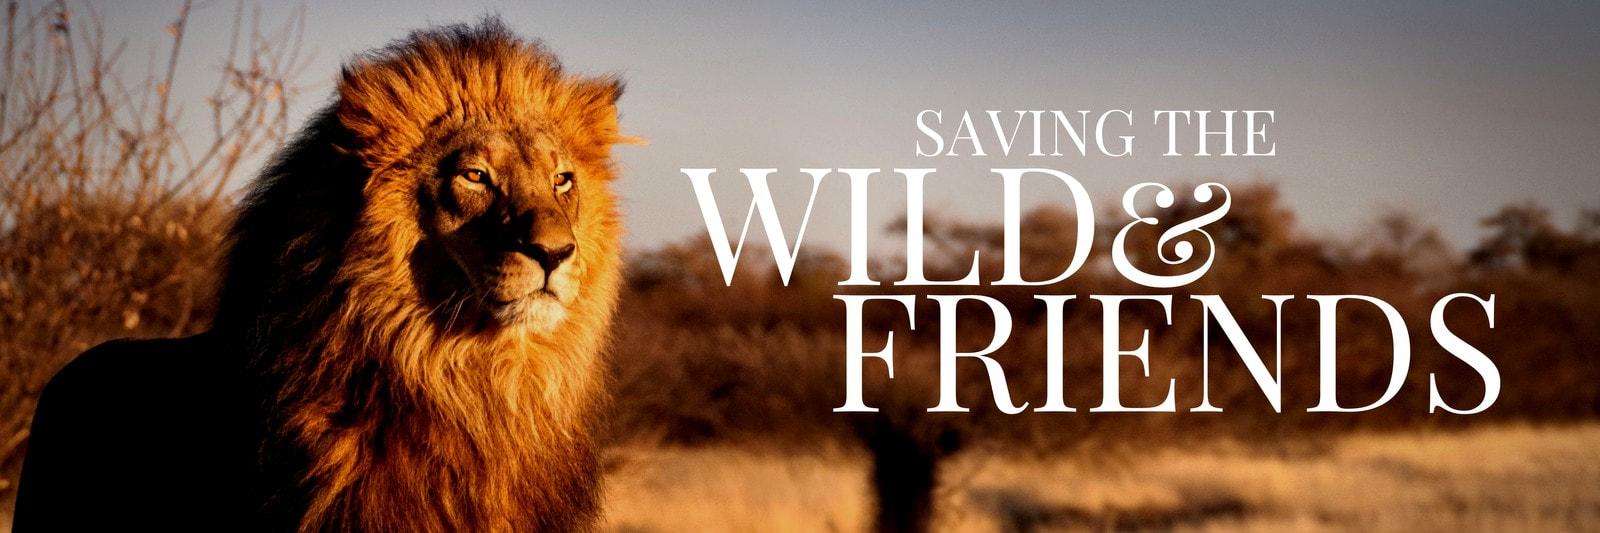 Wild Lion Photo Twitter Header